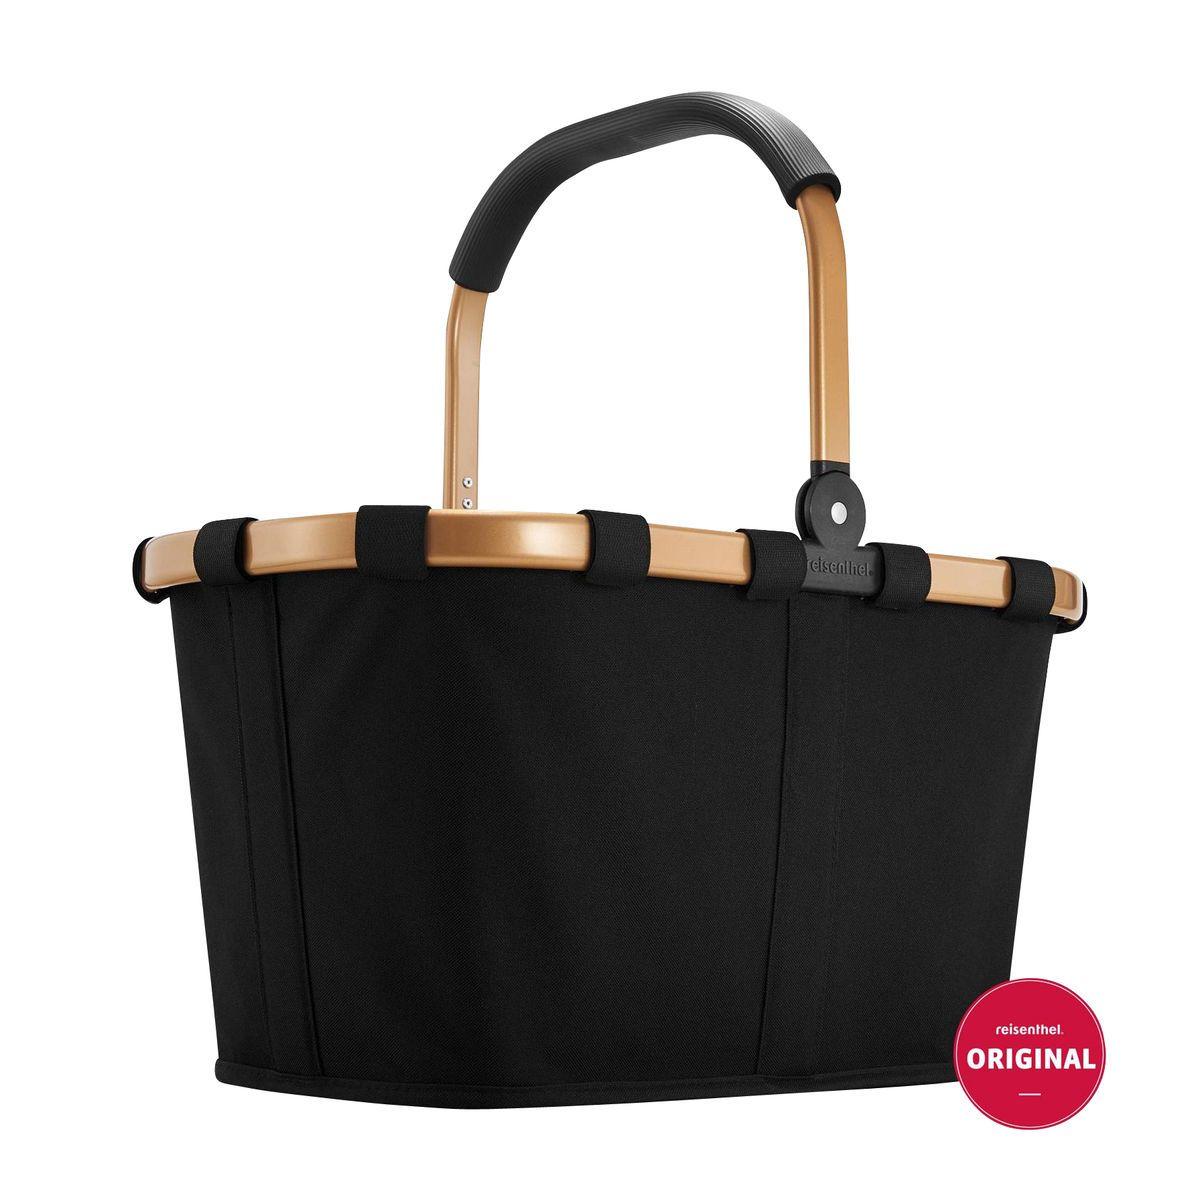 reisenthel carrybag frame shopping bag reisenthel bags baskets baskets storage. Black Bedroom Furniture Sets. Home Design Ideas